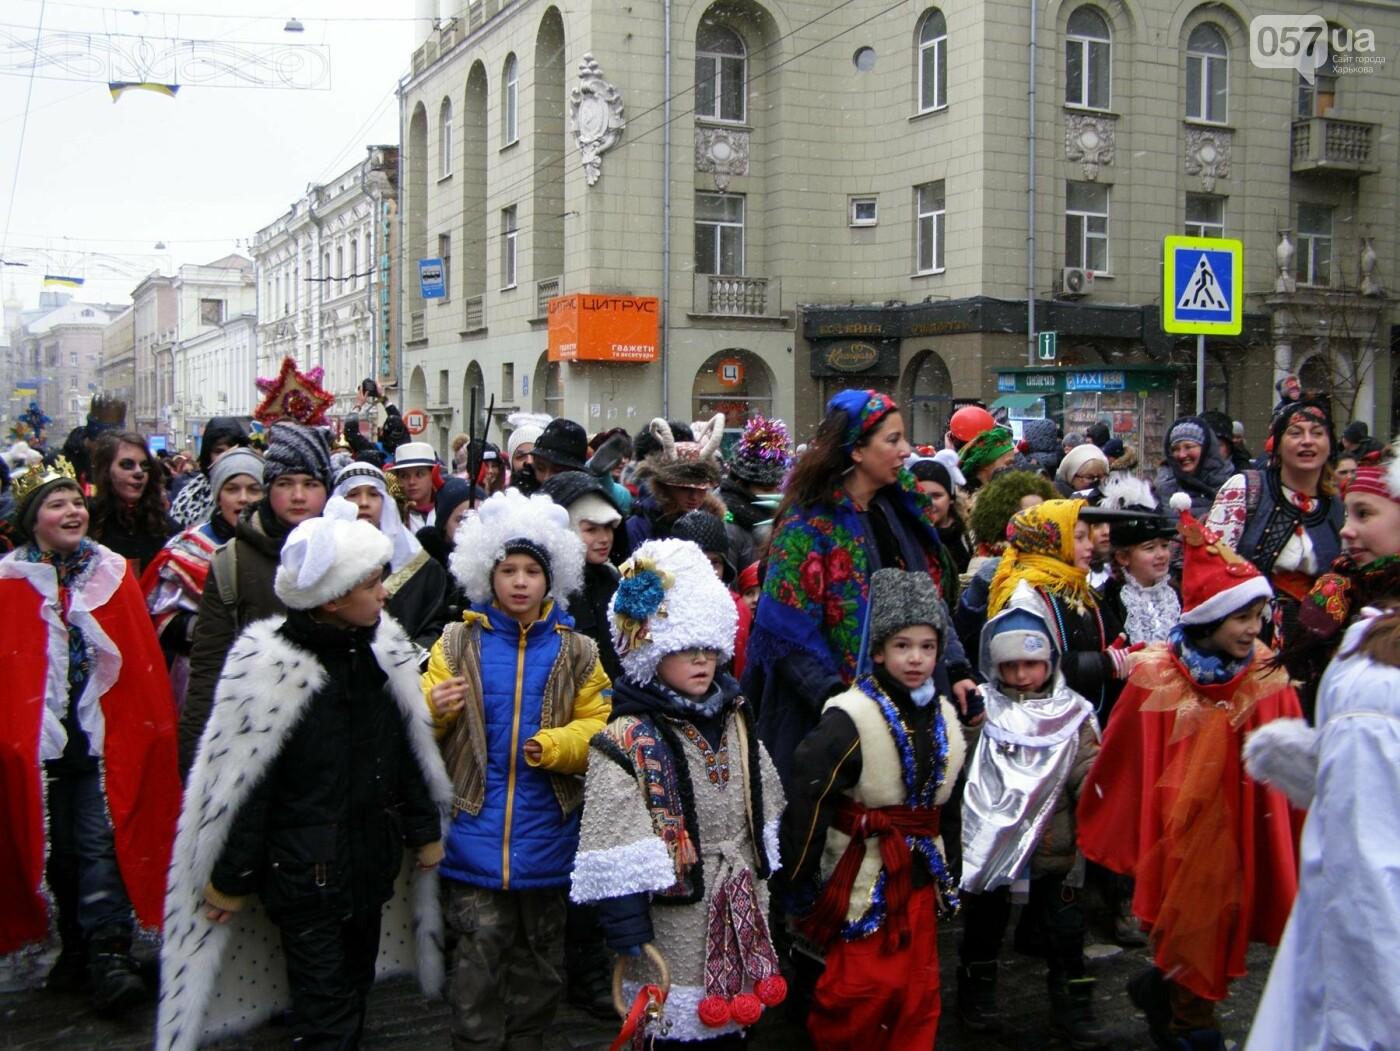 Харьков заполонили ангелы, козы и черти: в городе прошел масштабный фестиваль вертепов (ФОТО), фото-20